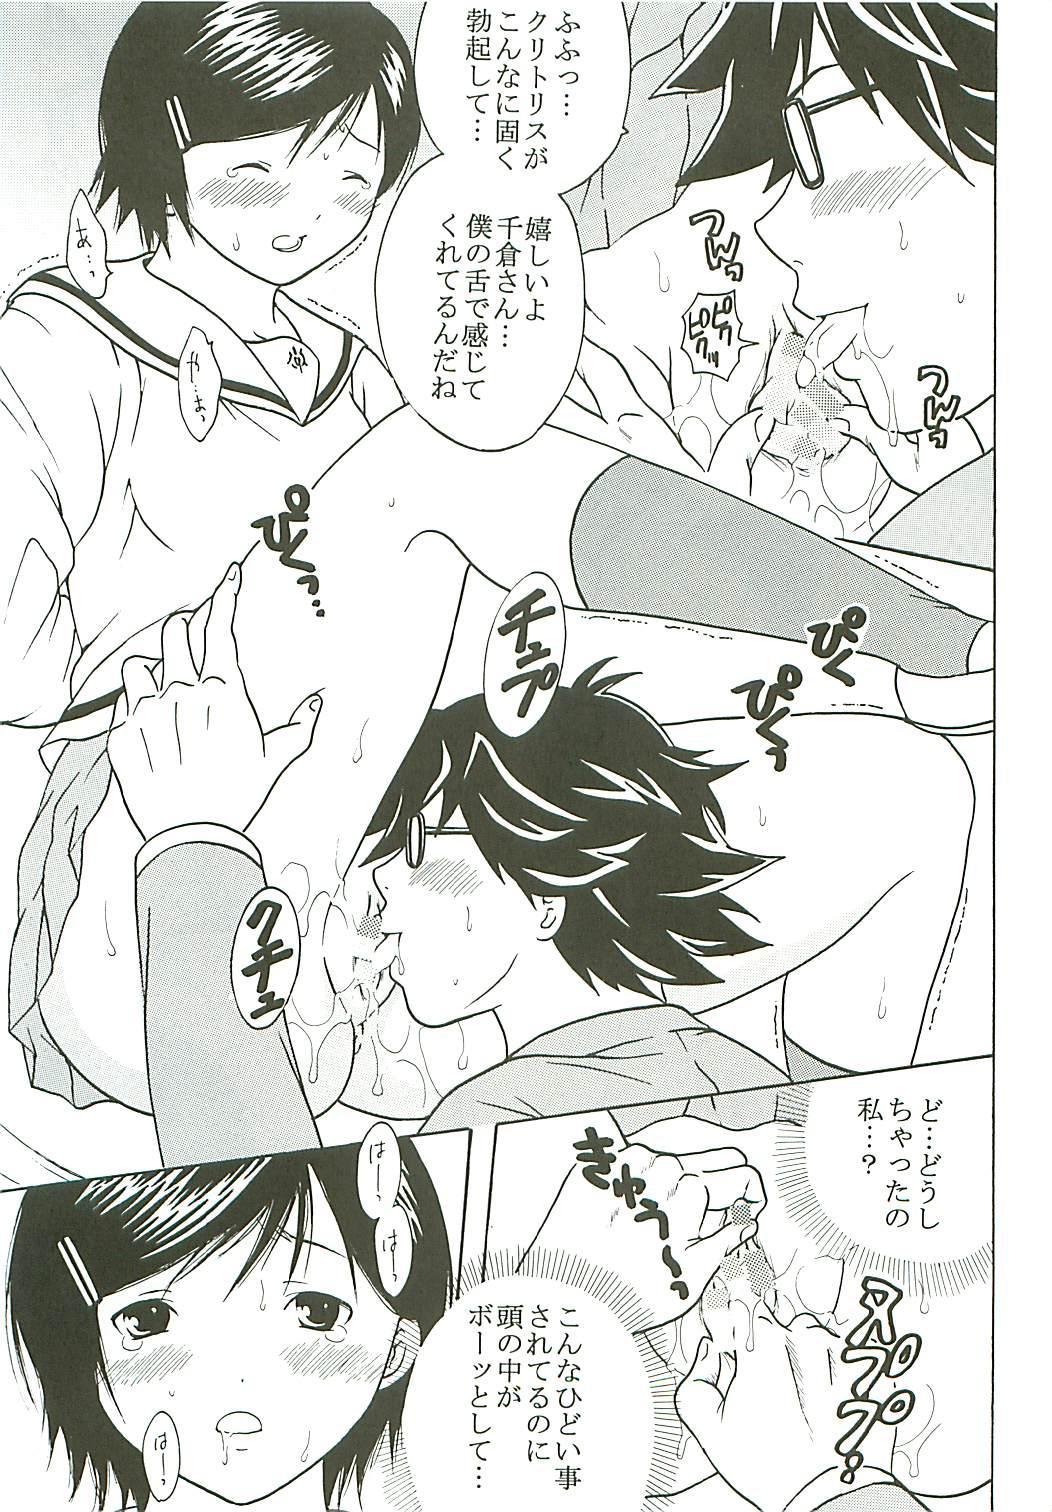 Chitsui Gentei Nakadashi Limited vol.4 15